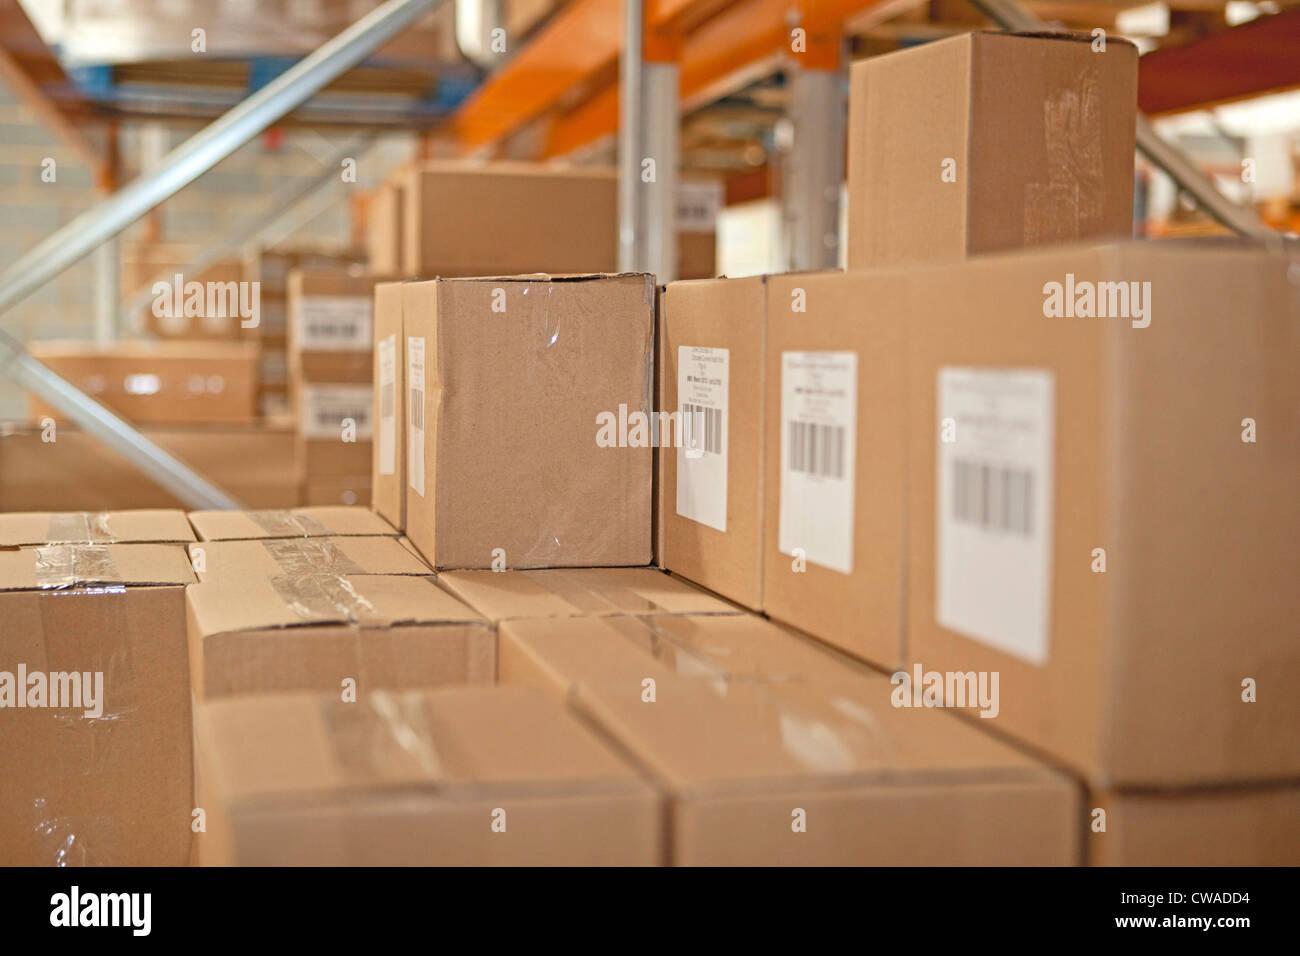 Storage Boxes Stock Photos & Storage Boxes Stock Images - Alamy